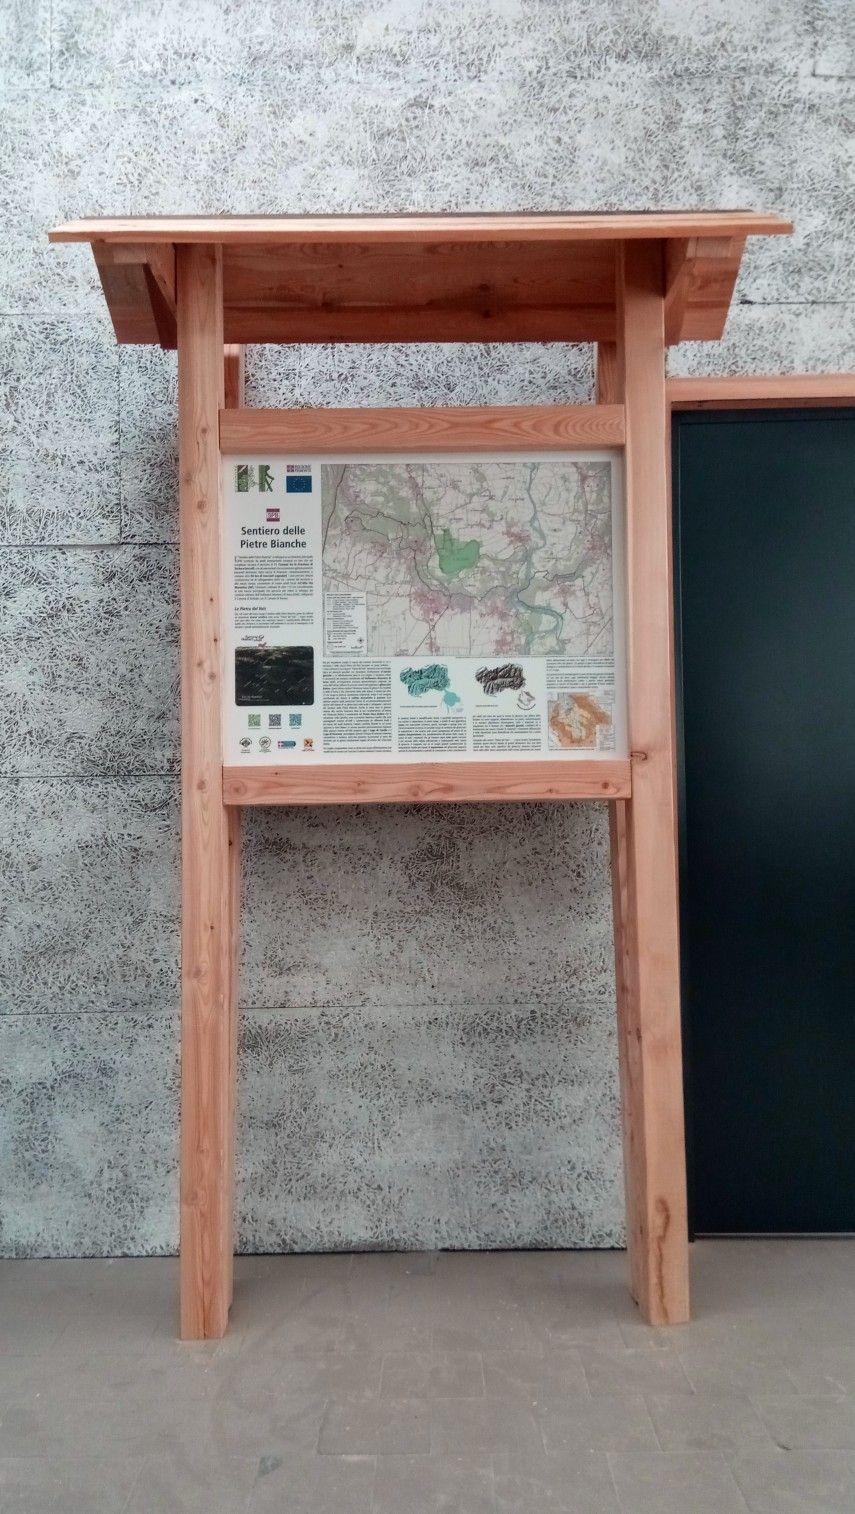 SAND ITALIA Bacheca informativa in larice   Spazi, Progetti